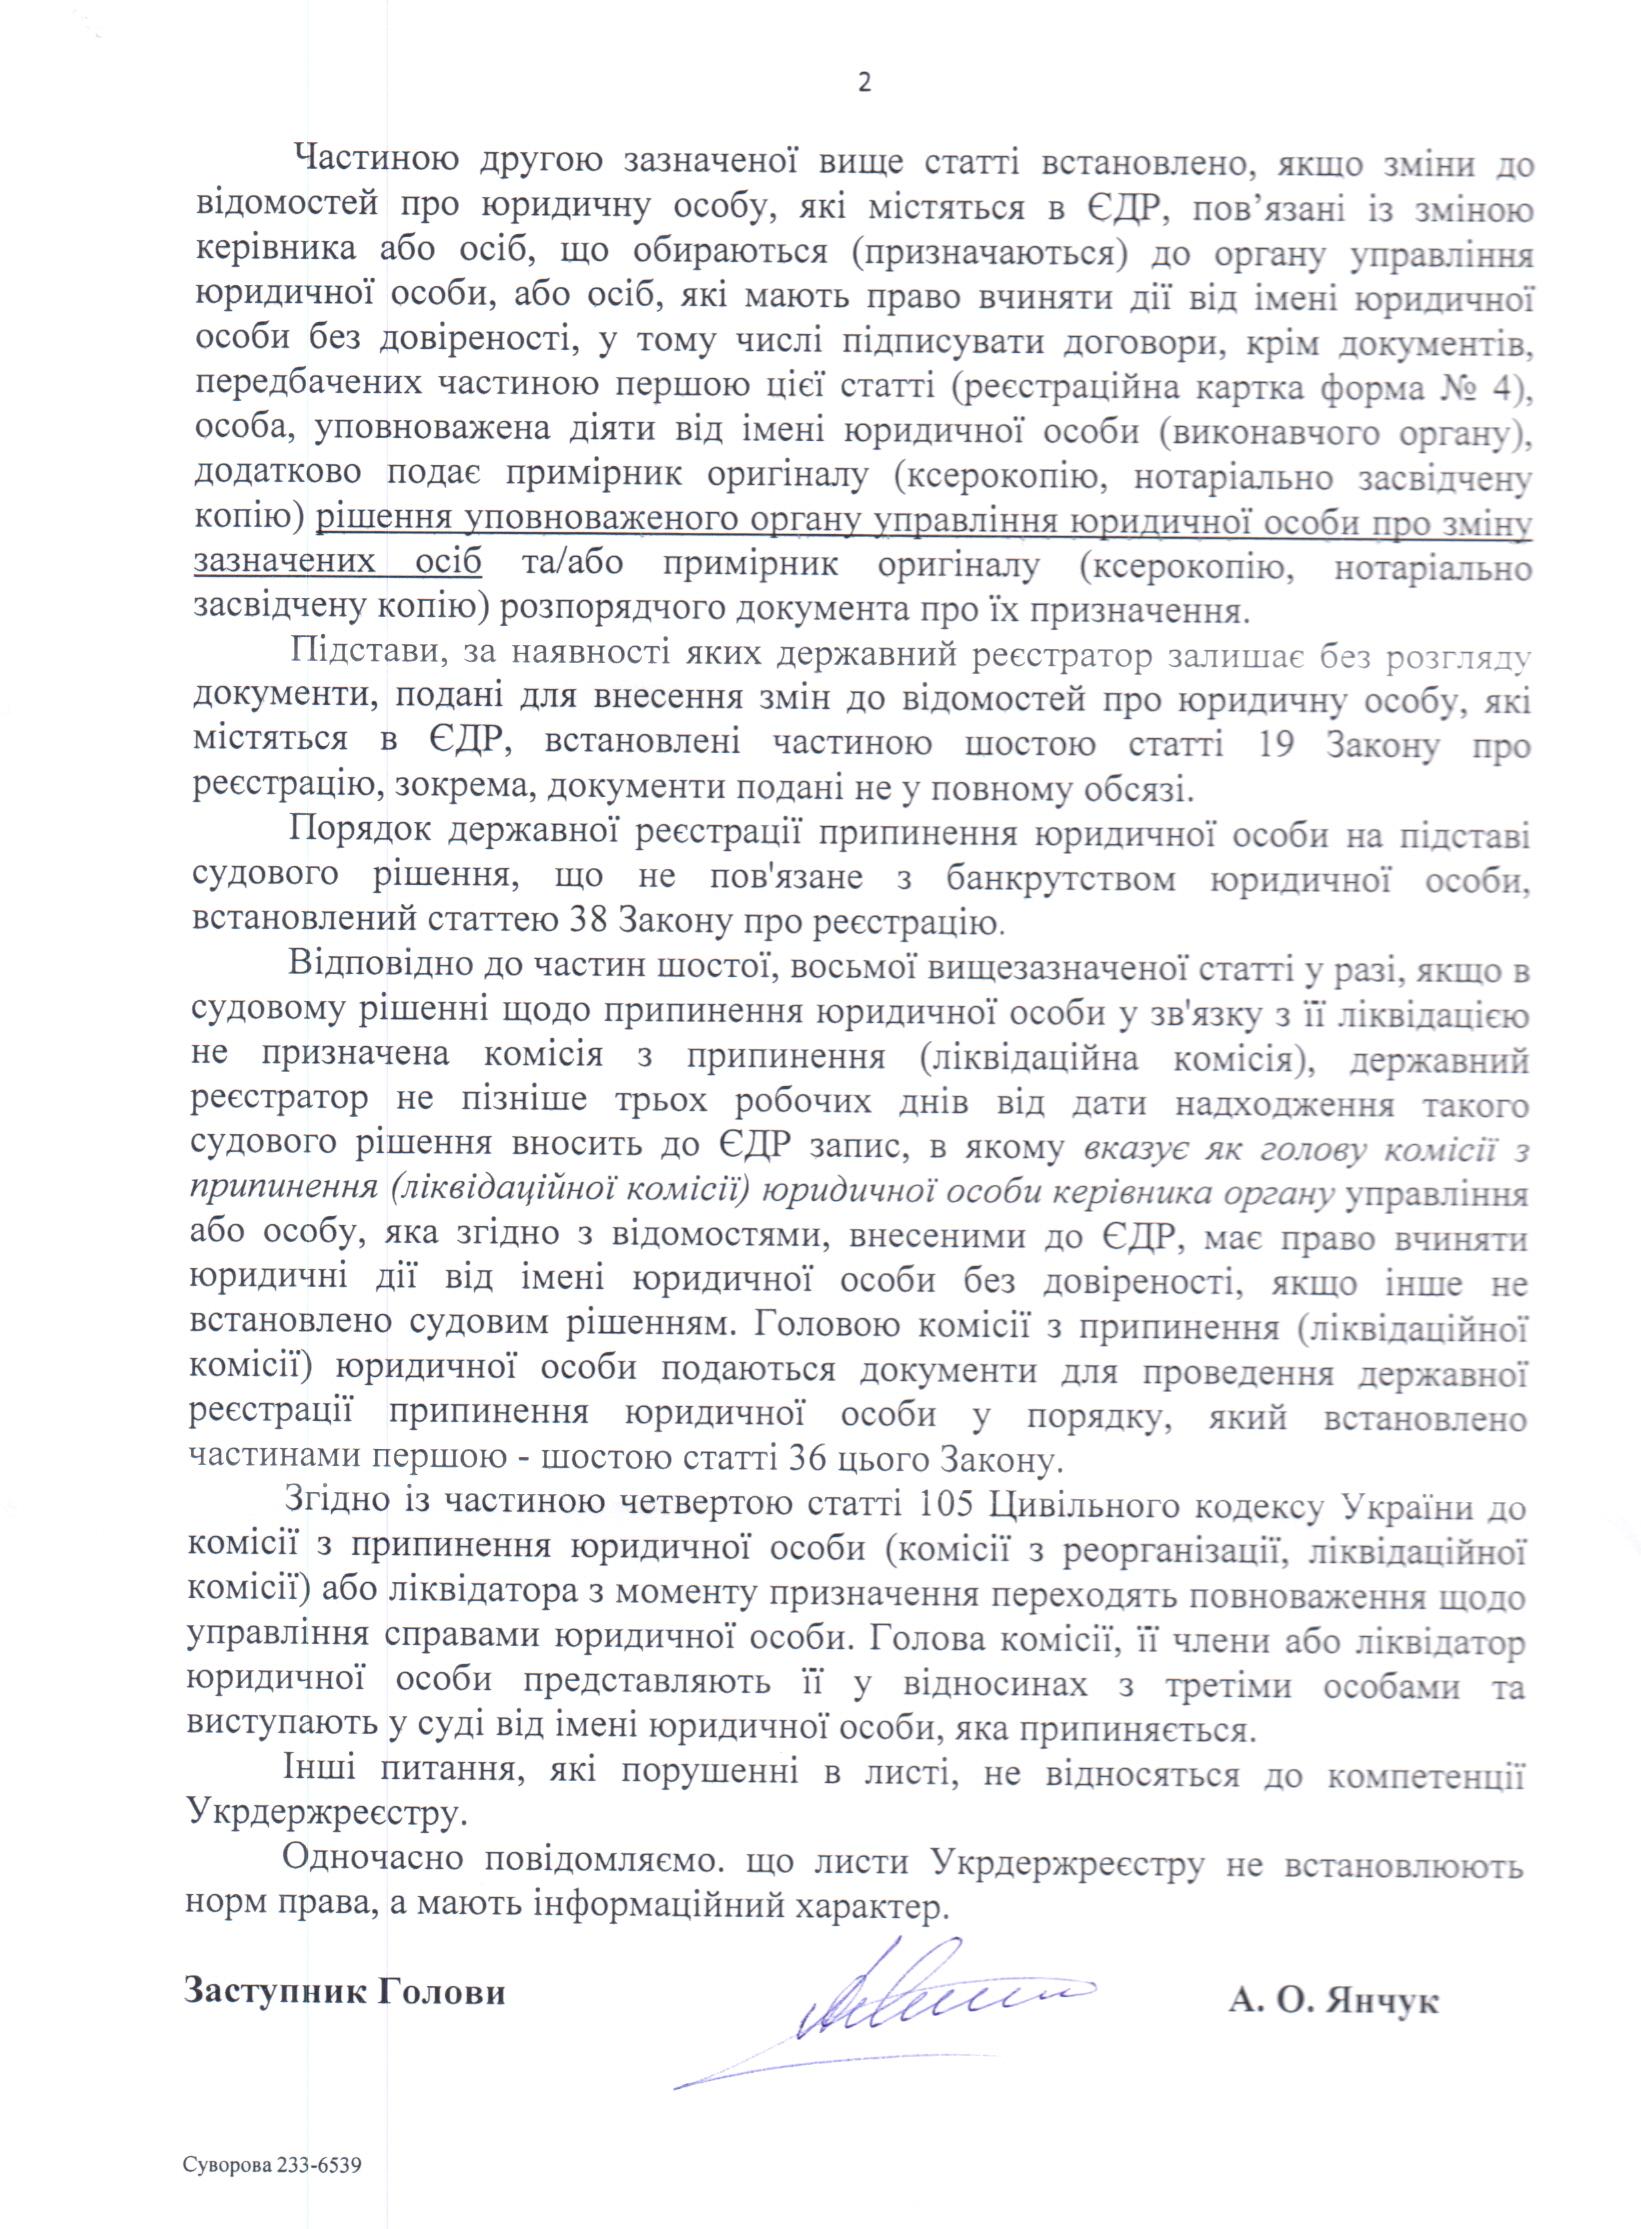 Відповідь Державної реєстраційної служби України від 27.10.2014р. №2764/8-14-72